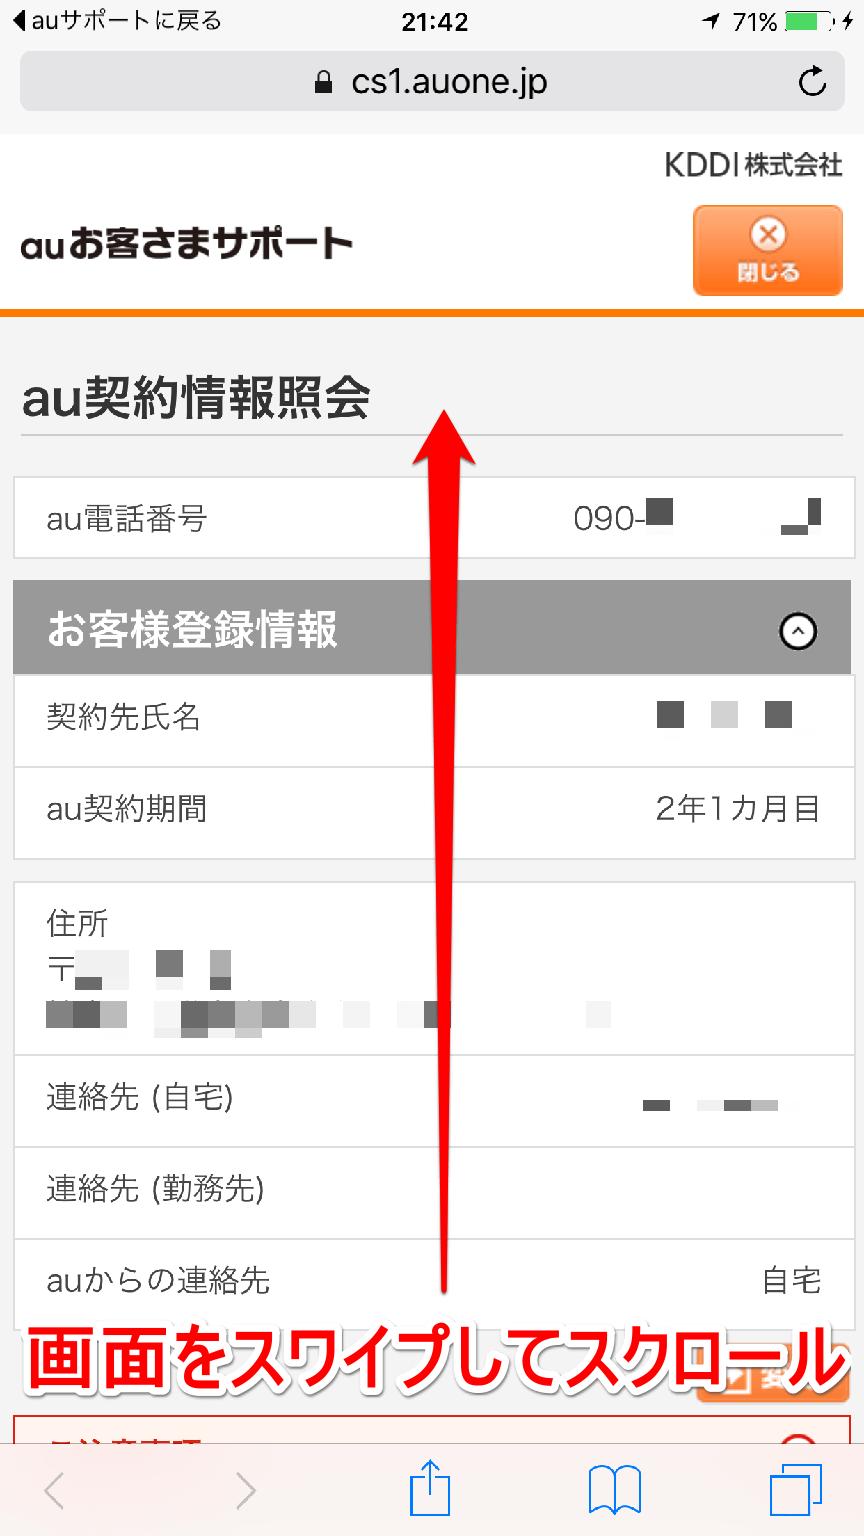 [au契約情報照会]画面